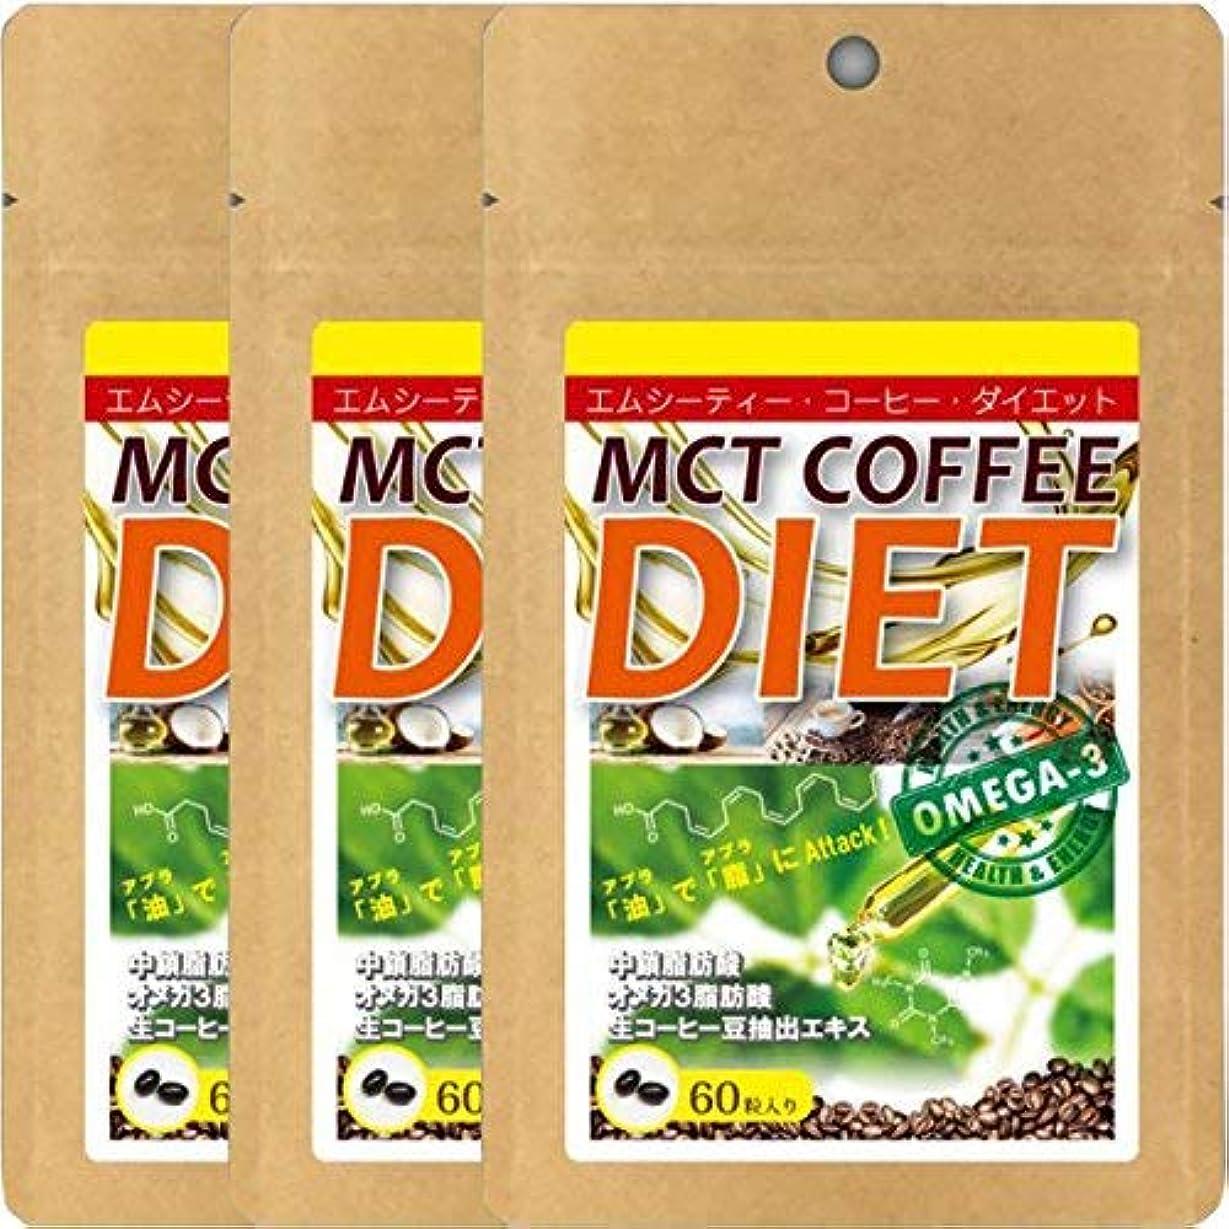 四分円過剰病な【MCTオイル】MCTコーヒーダイエット 3個セット 【10% OFF !! 】 60カプセル入り